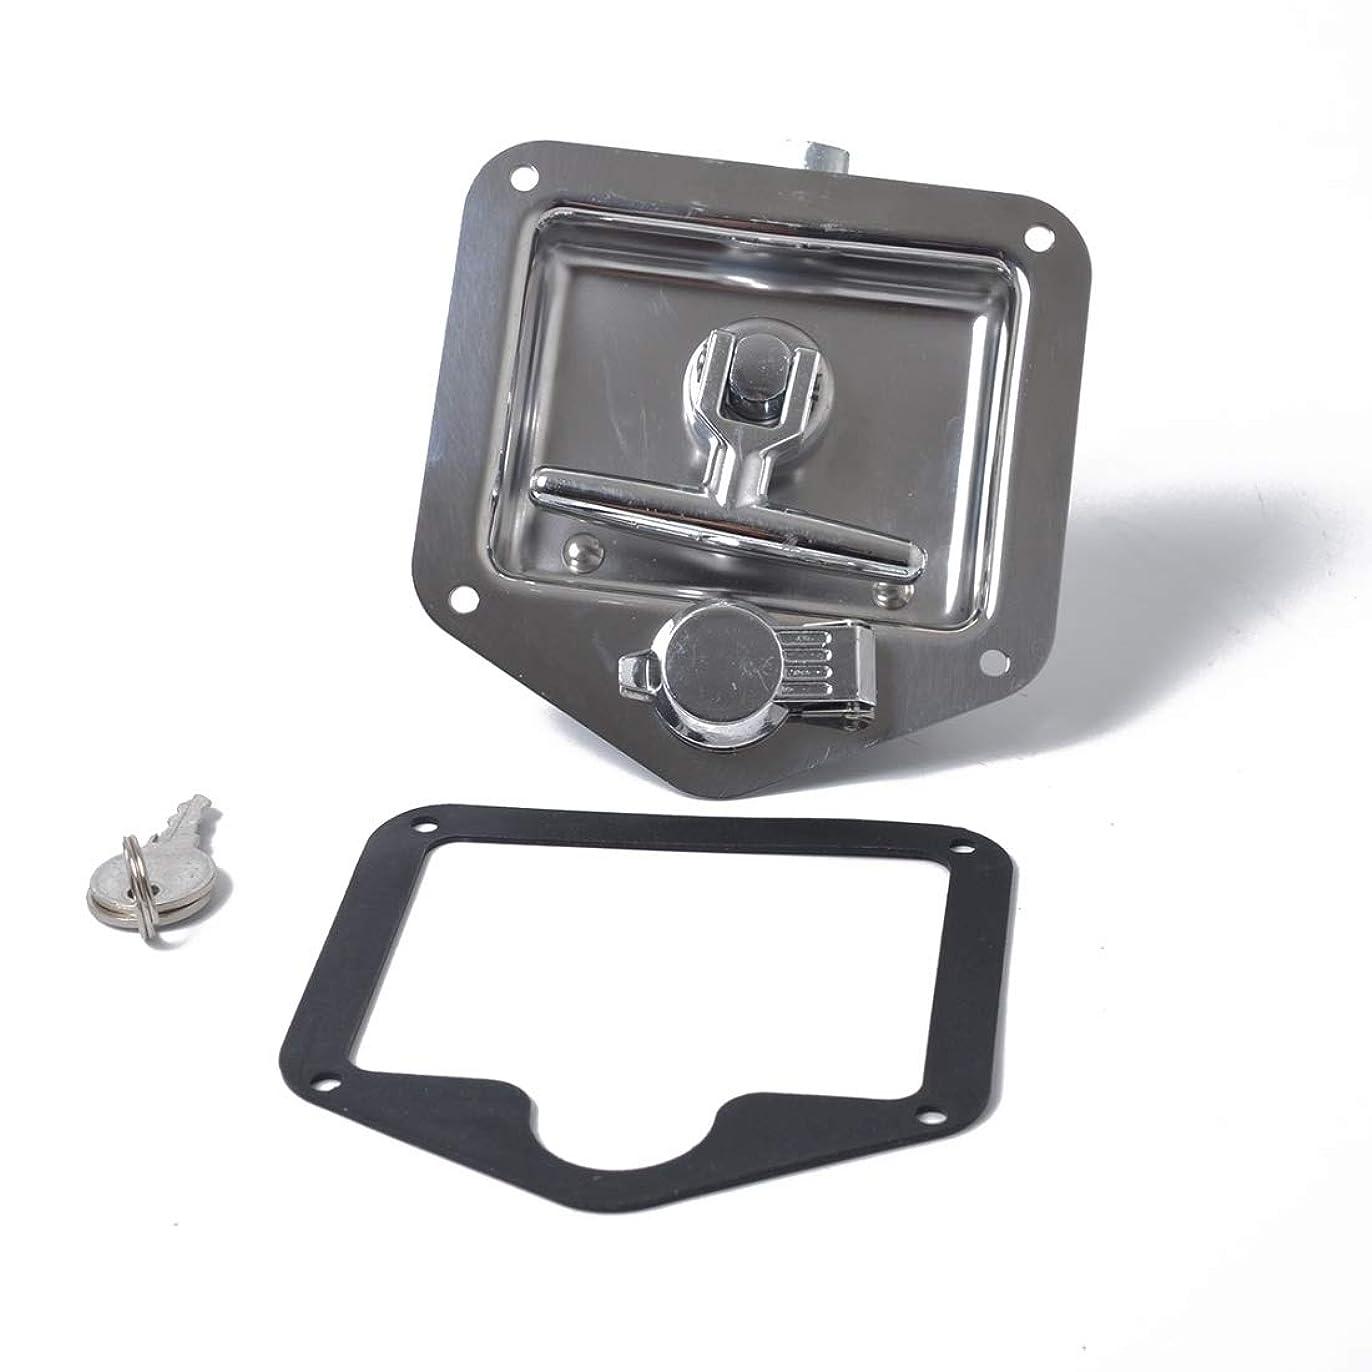 クラブキロメートルアセ車のドアロックカバー ポータブルOBD CANバス車の安全ドアロック&アンロックOBDモジュールDファイルのロックPファイルのロックを解除し、マツダAttz CX-5 Angksaのためのフィット